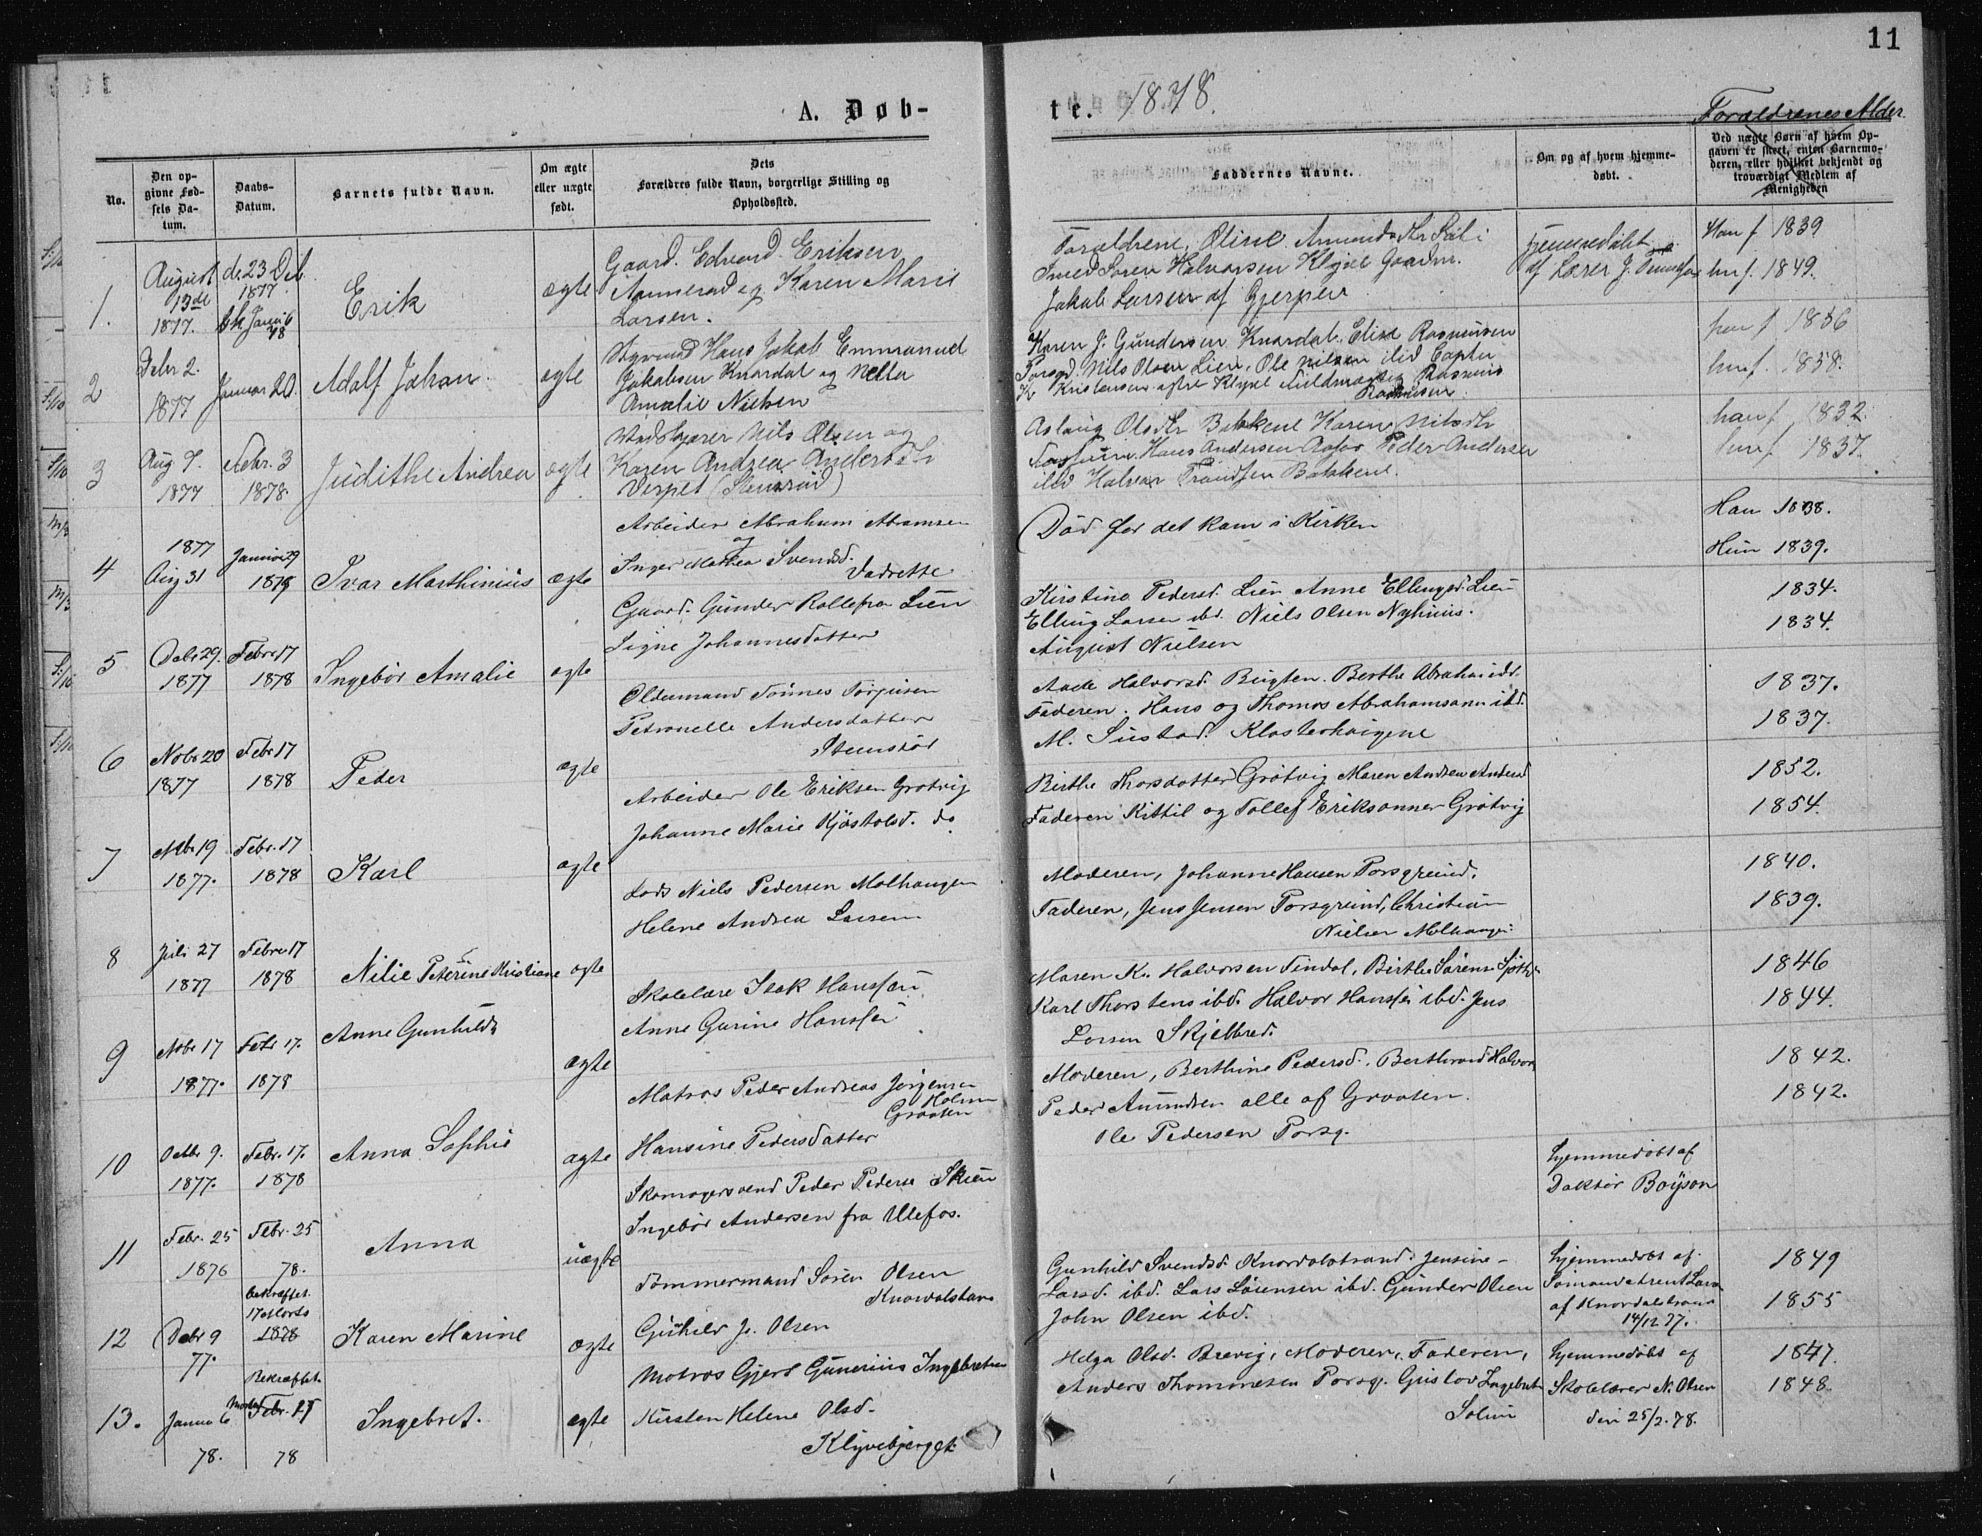 SAKO, Solum kirkebøker, G/Ga/L0005: Klokkerbok nr. I 5, 1877-1881, s. 11